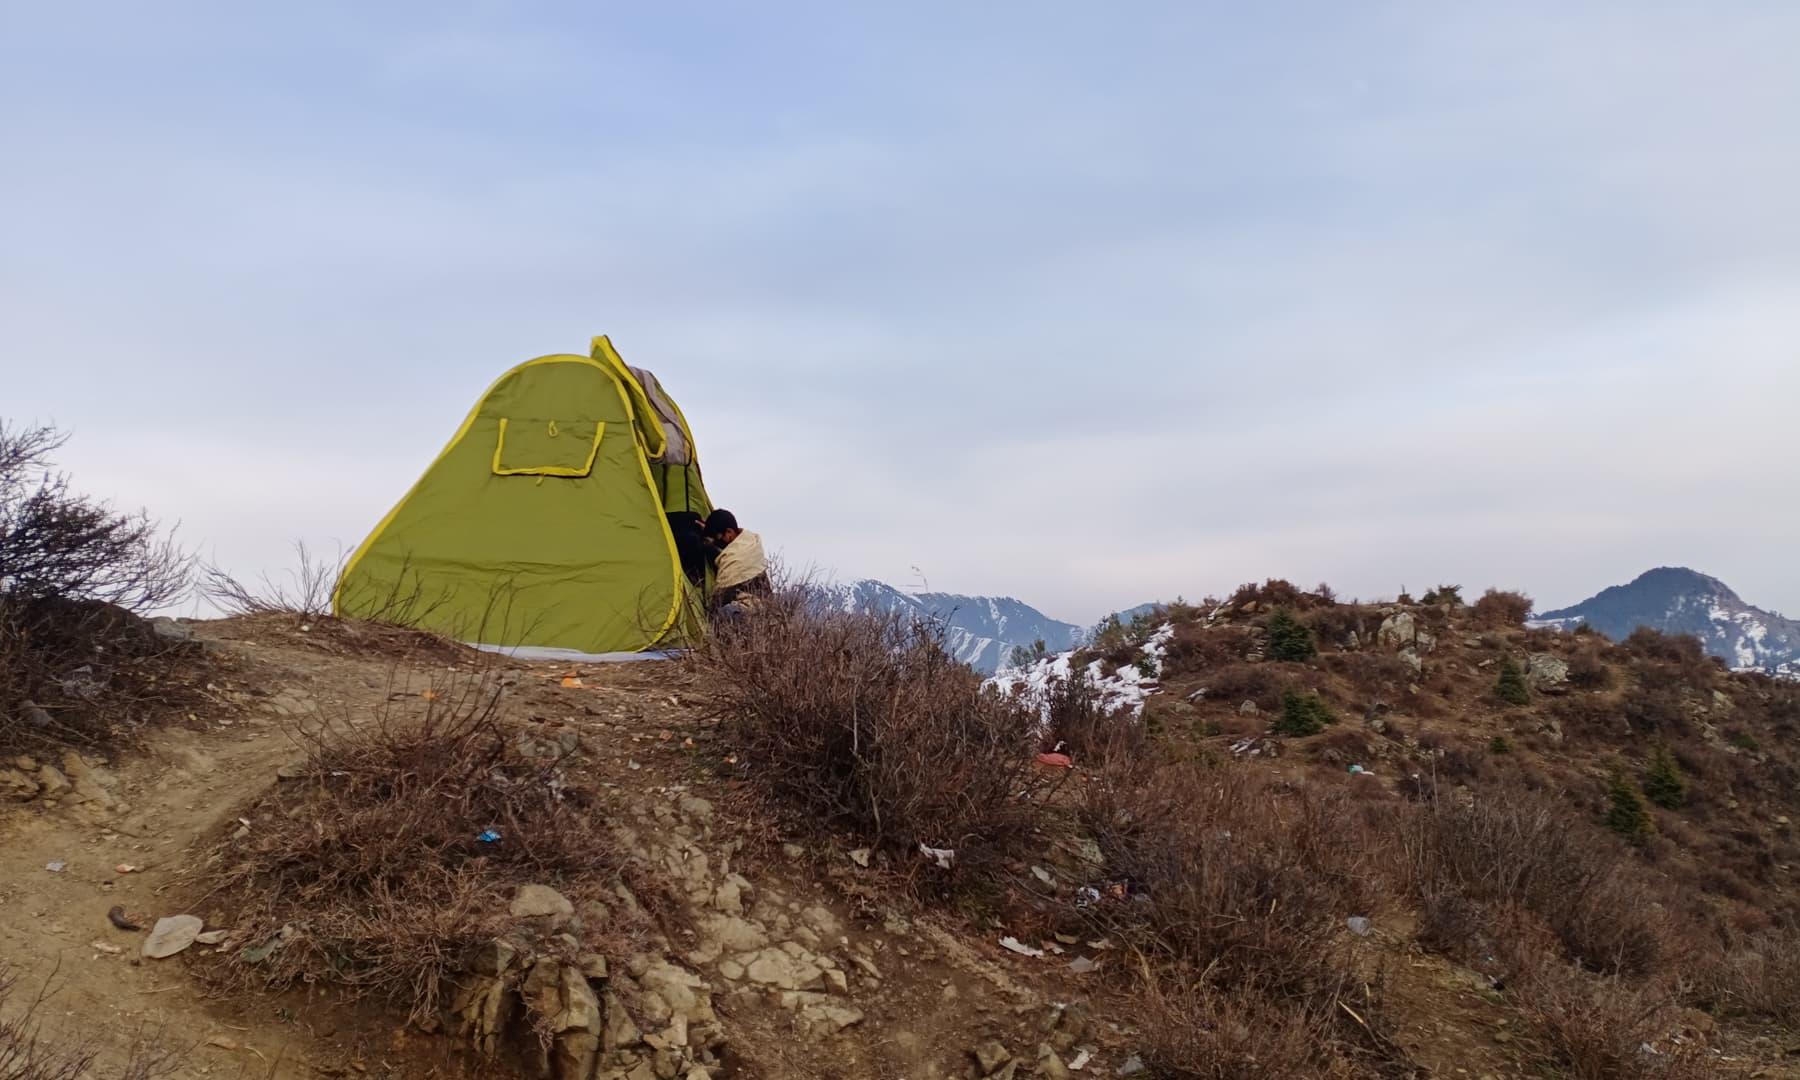 ہم ٹاپ پر ایک سیاح کے لگائے خیمے کے پاس پہنچے—عظمت اکبر